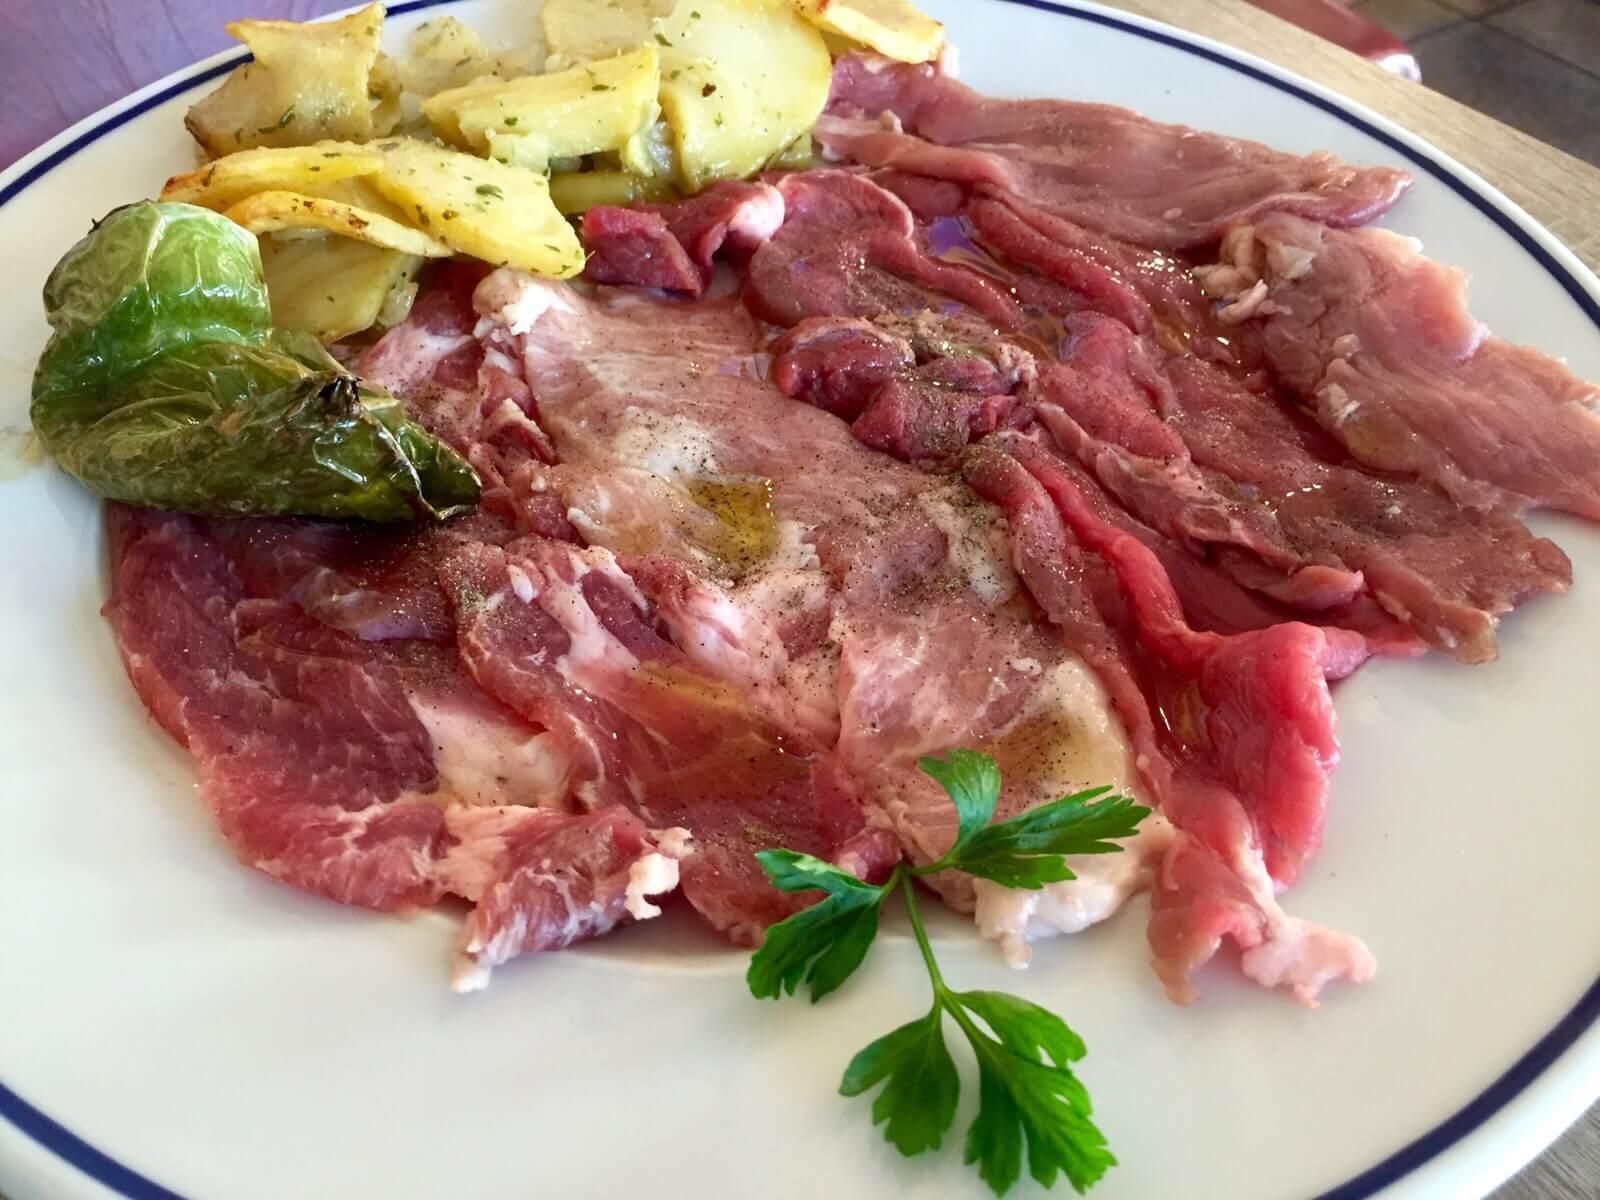 lavaqueria-comida-06-degustacion-carnes-a-la-losa